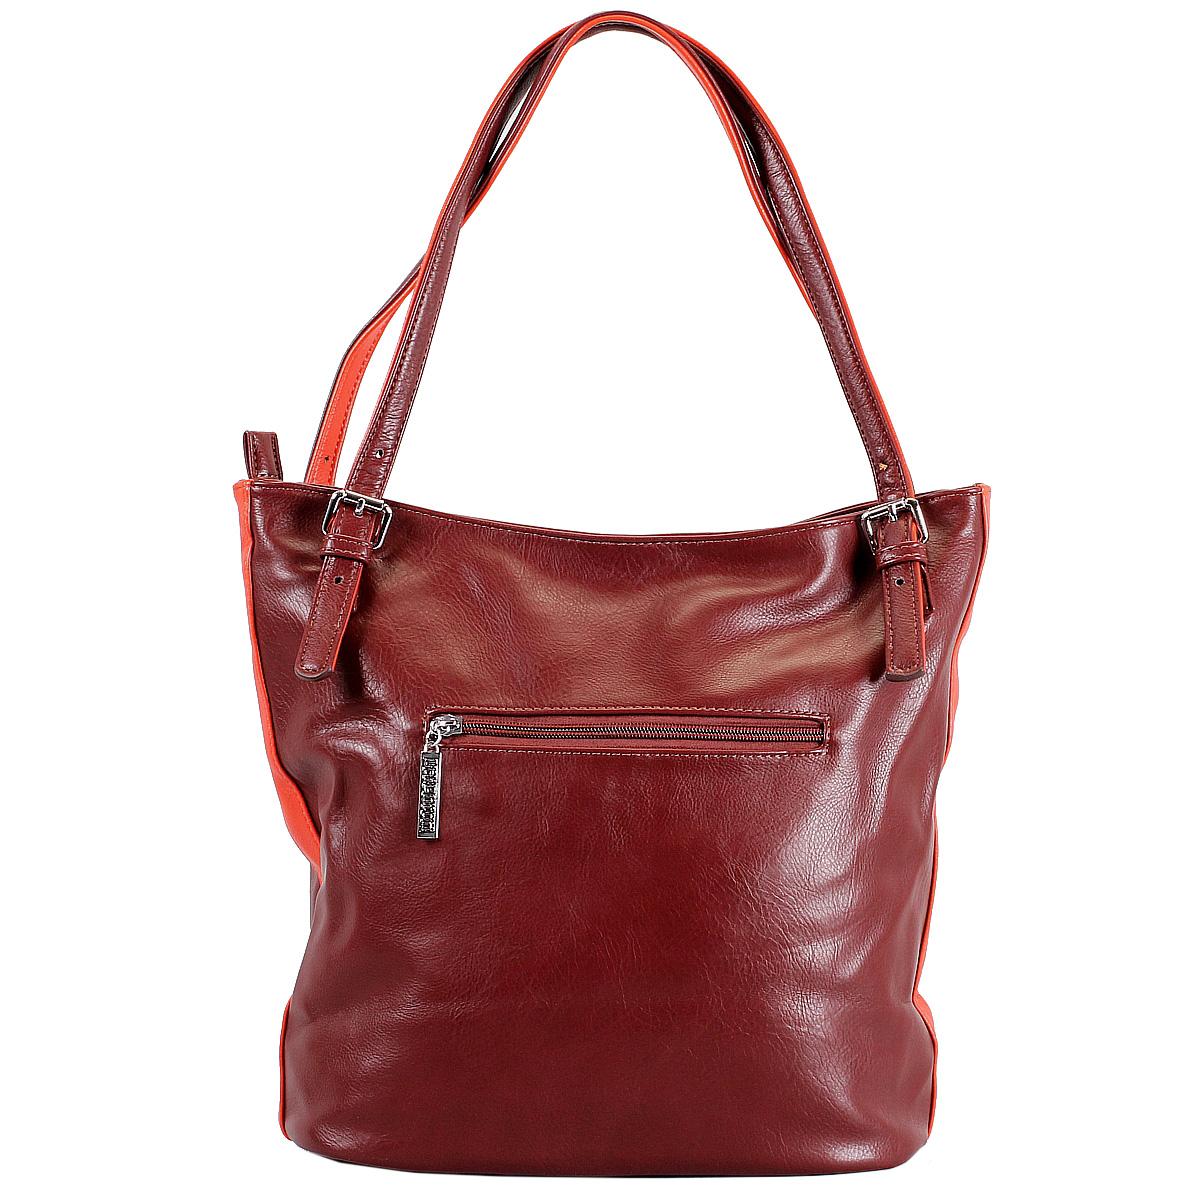 Сумка женская Leighton, цвет: бордовый, оранжевый. 76618-292/42/292/52 ( 76618-292/42/292/52 бордо )